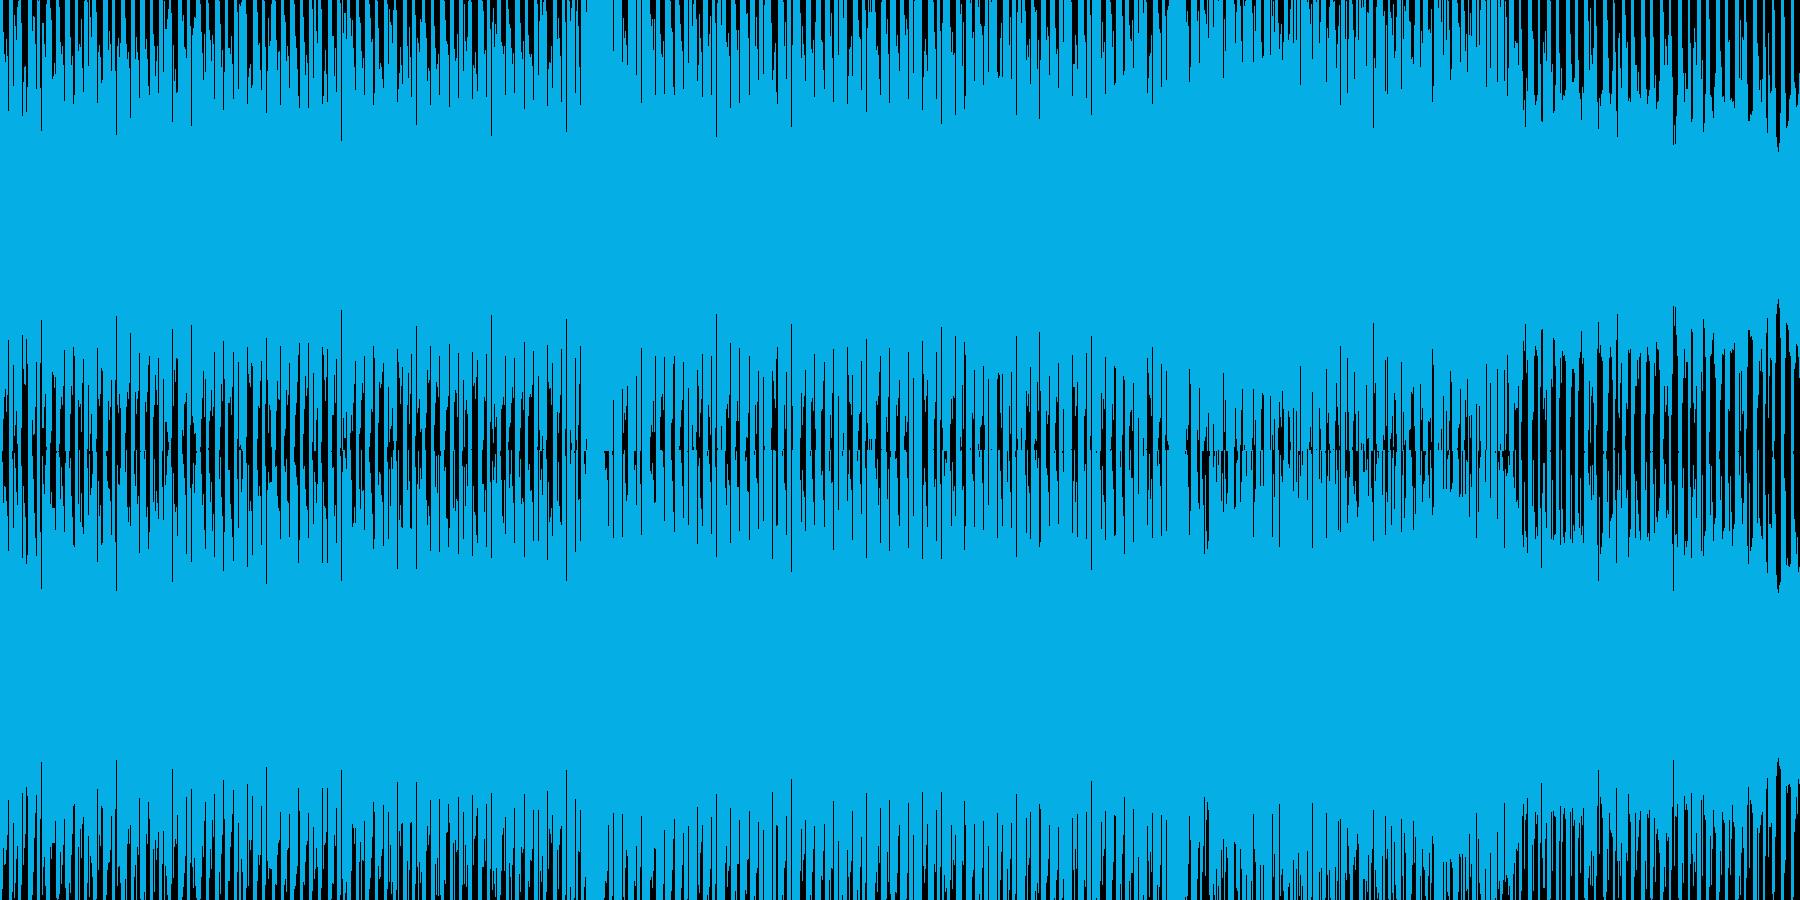 エレクトリカルなハイテンションBGMの再生済みの波形